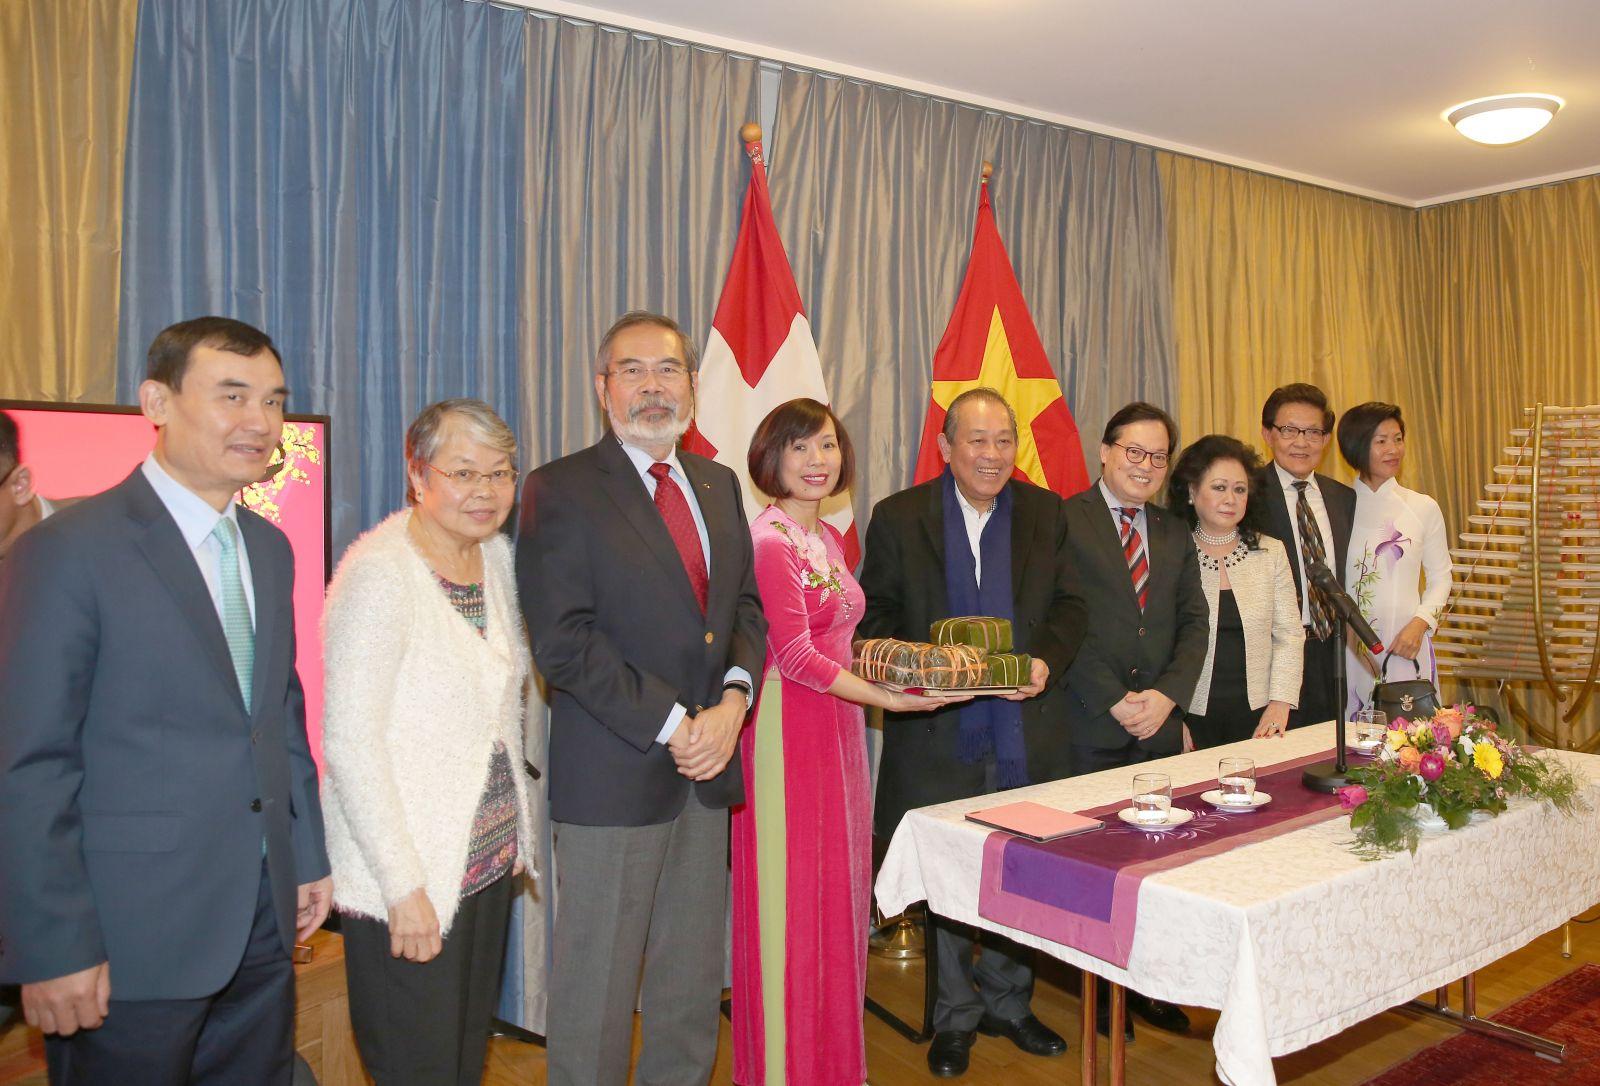 Phó Thủ tướng Thường trực Chính phủ Trương Hòa Bình tặng bà con Việt kiều chút hương vị Tết cố truyền dân tộc. Ảnh: VGP/Lê Sơn